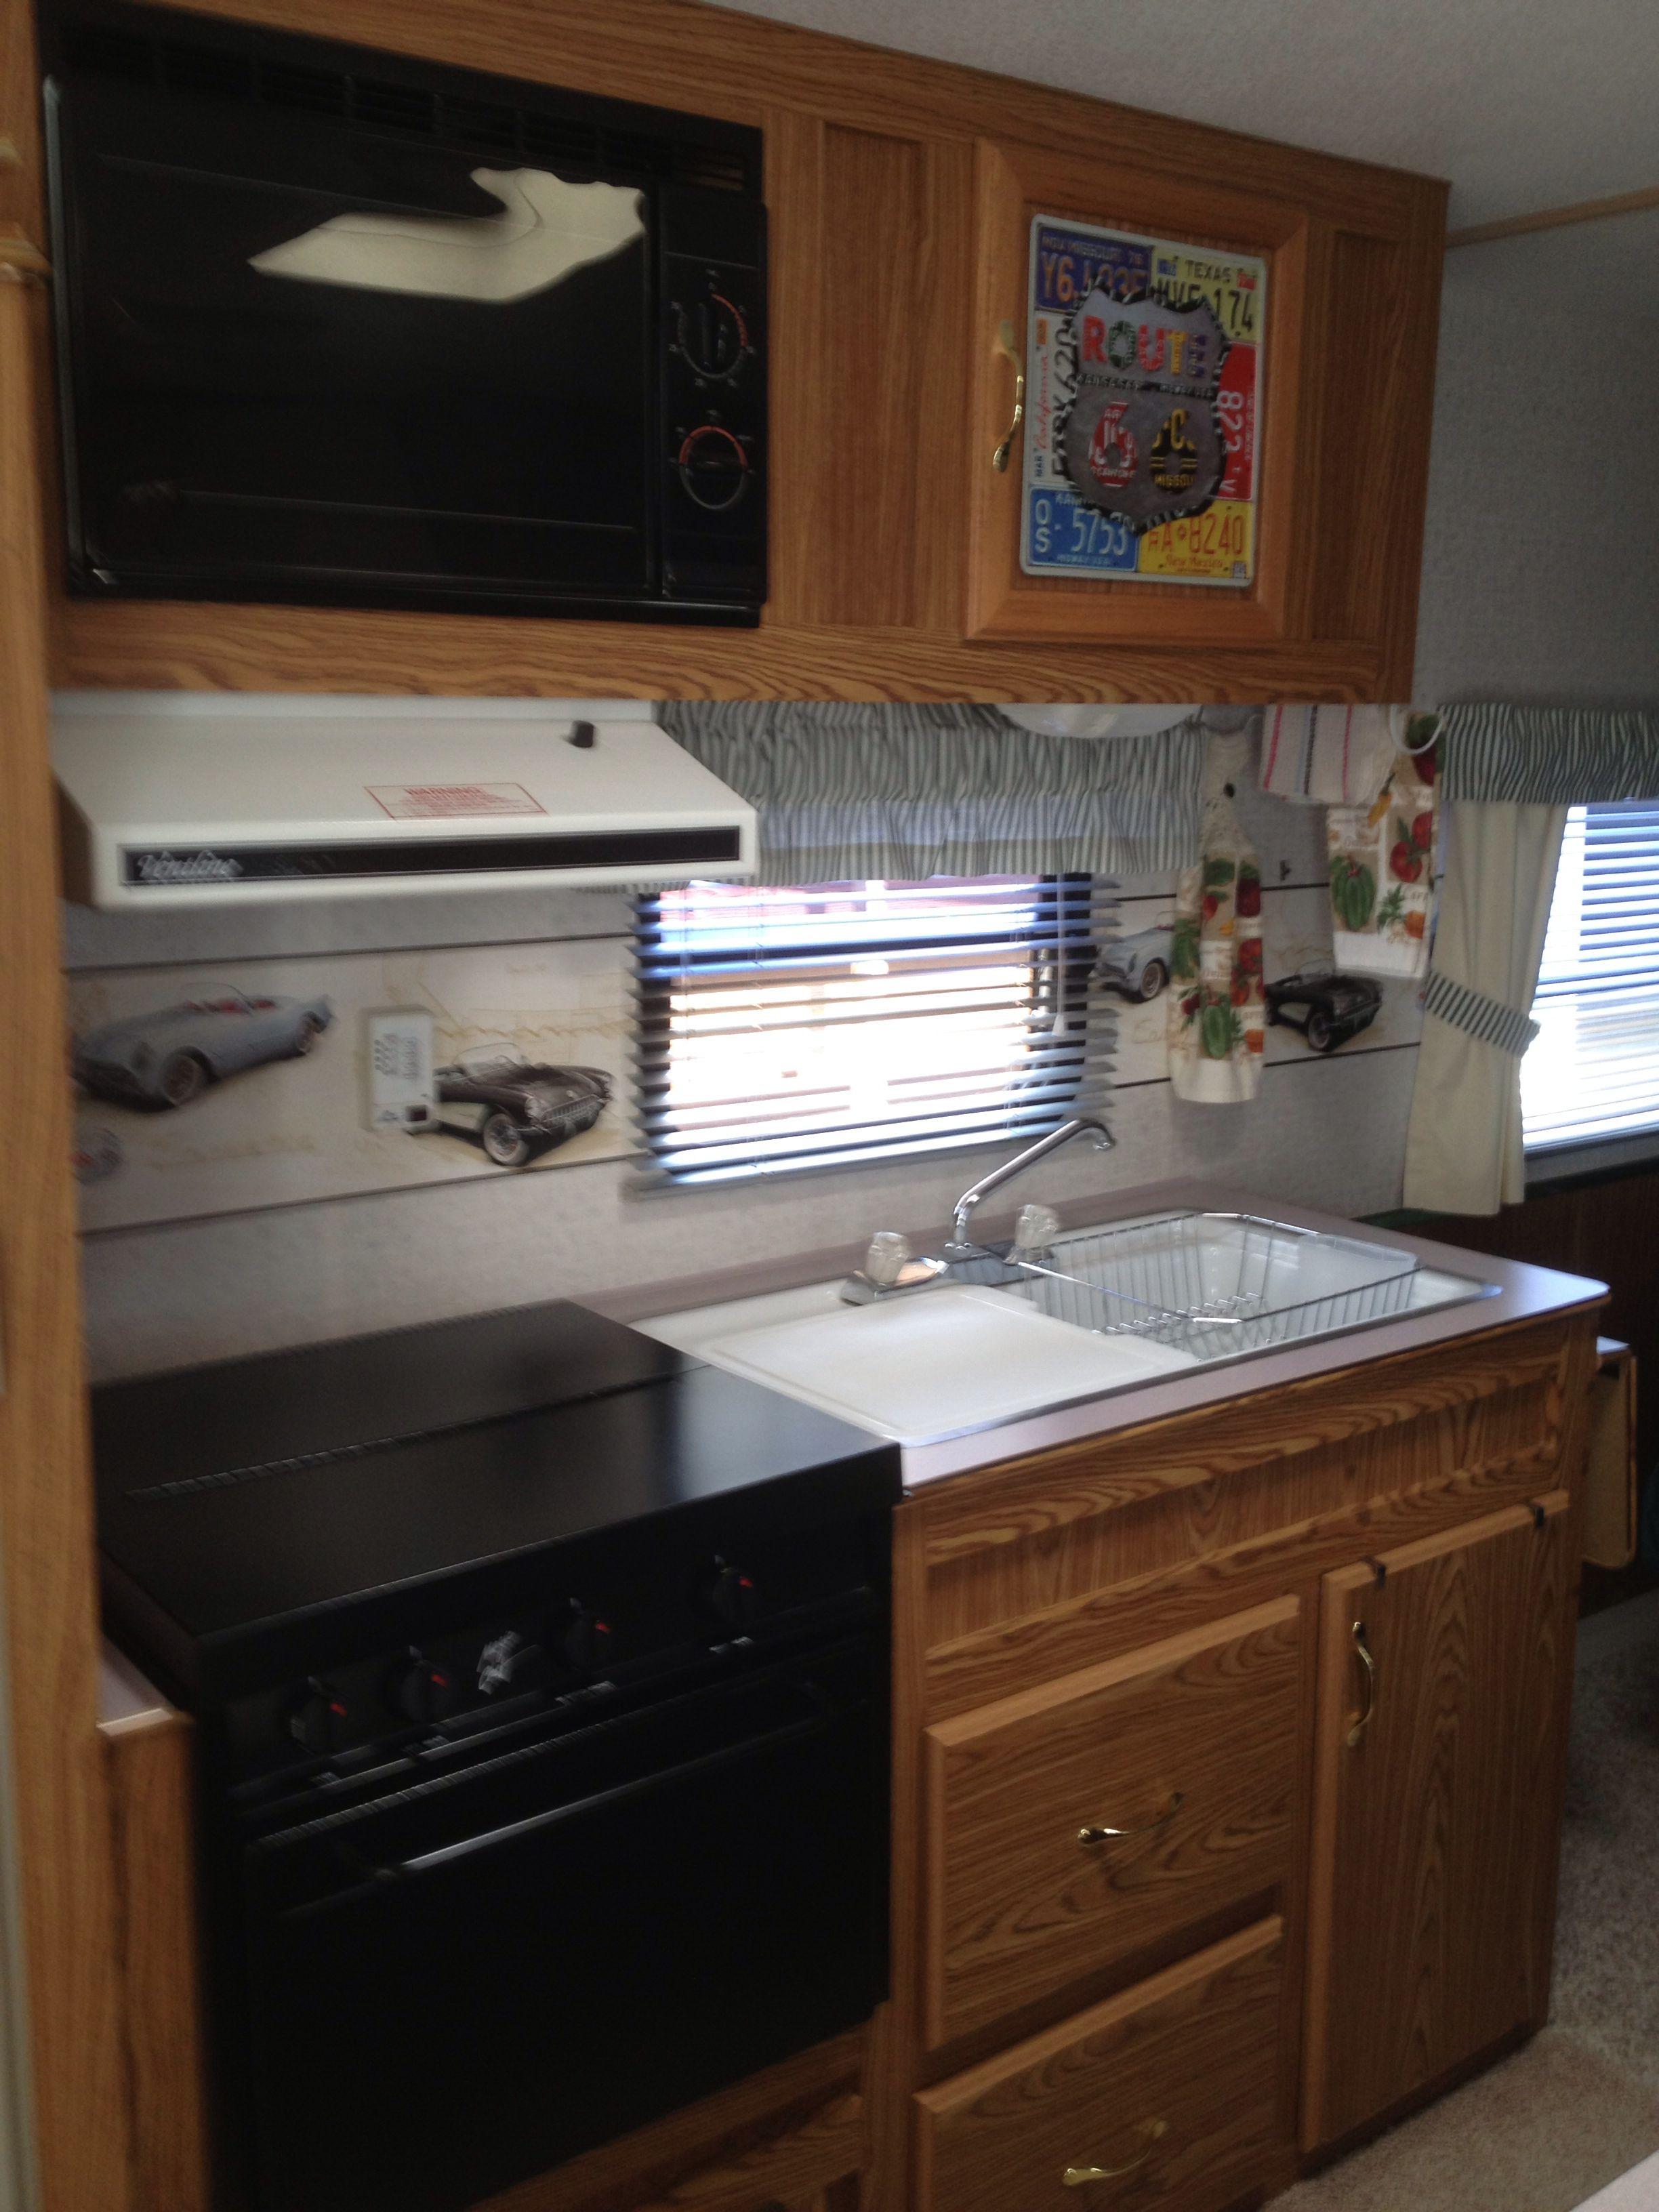 Kitchen In Our 1995 Fleetwood Mallard 22 Kitchen Kitchen Cabinets Home Decor